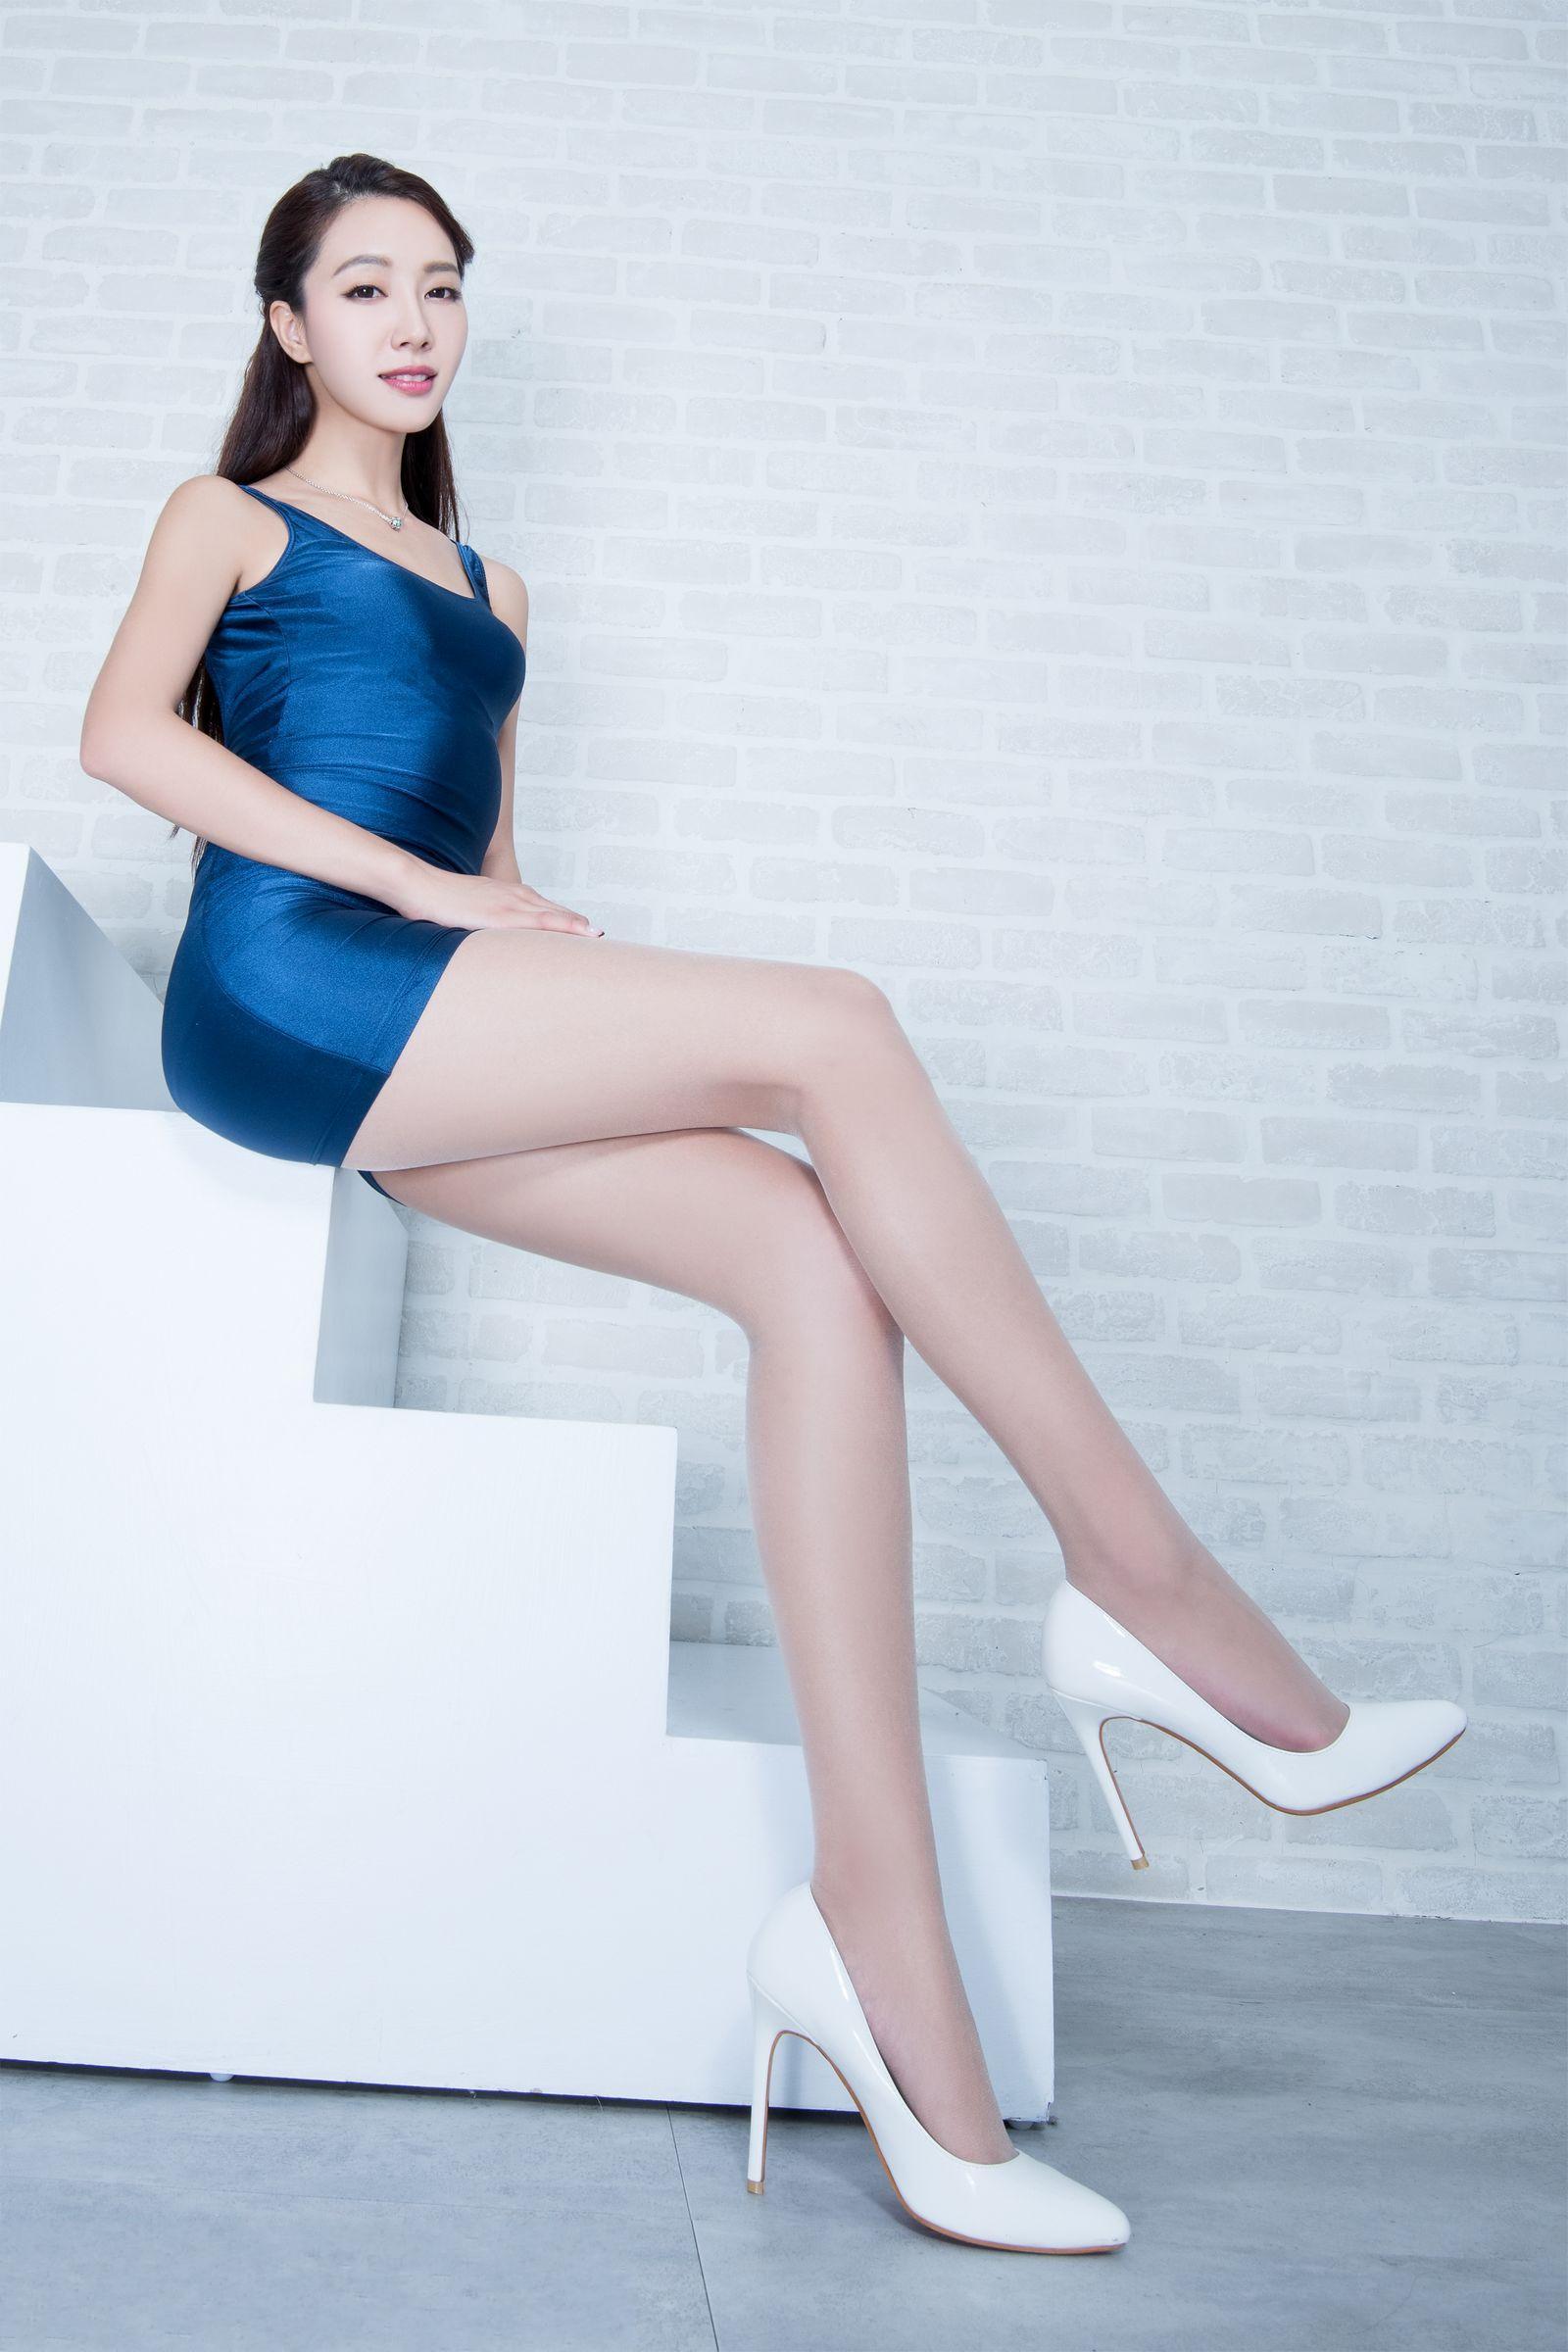 漂亮衣模美腿秀53 - 花開有聲 - 花開有聲